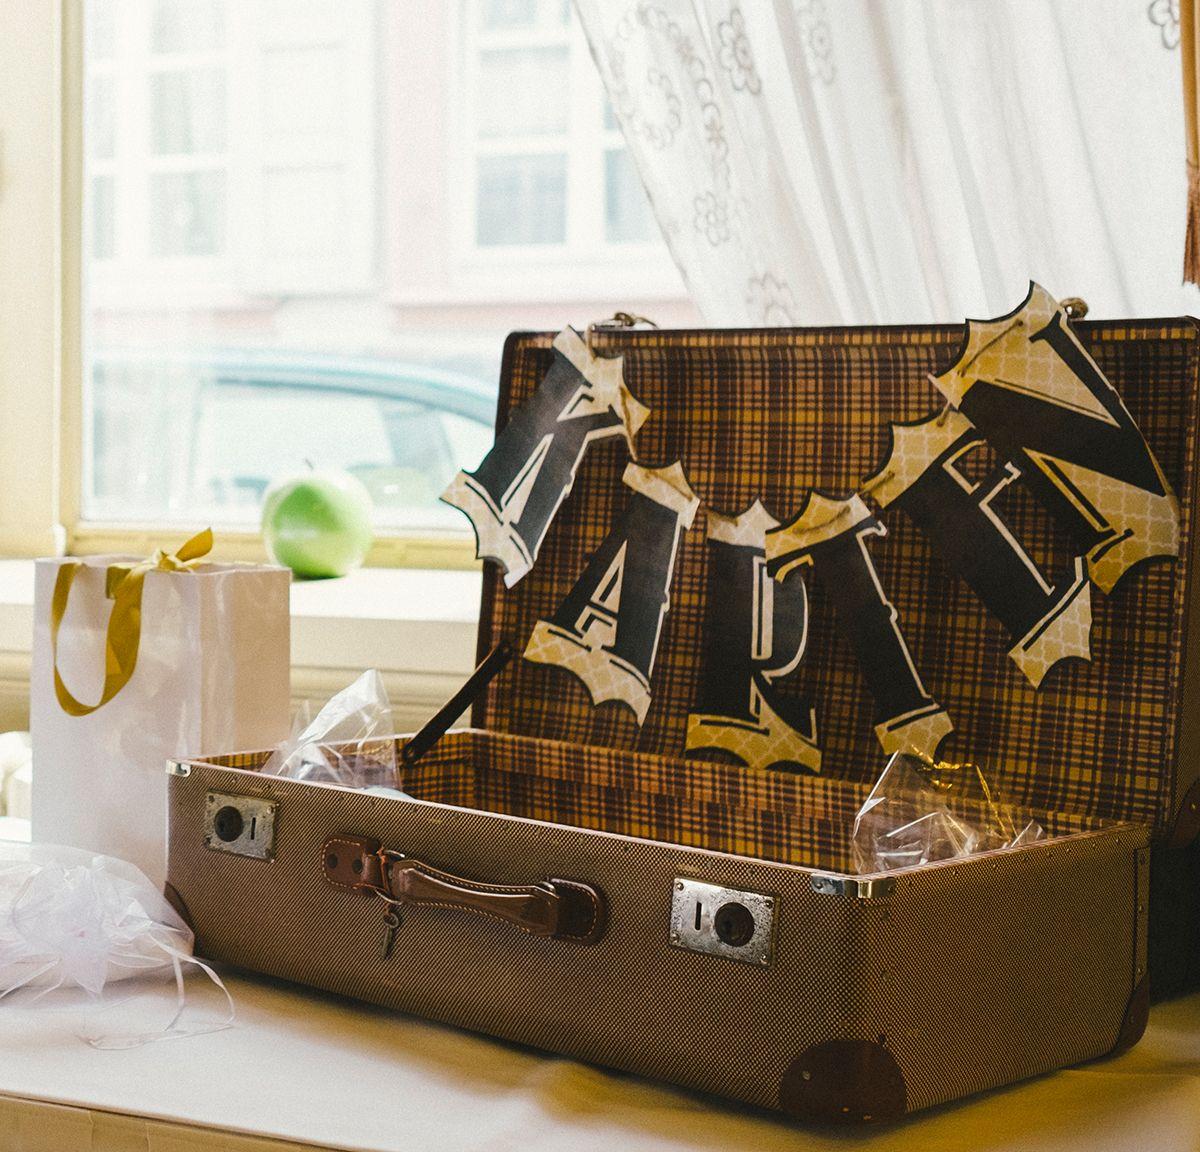 Hochzeitskarten Koffer / wedding cards case / #vintagewedding decoration inspiration